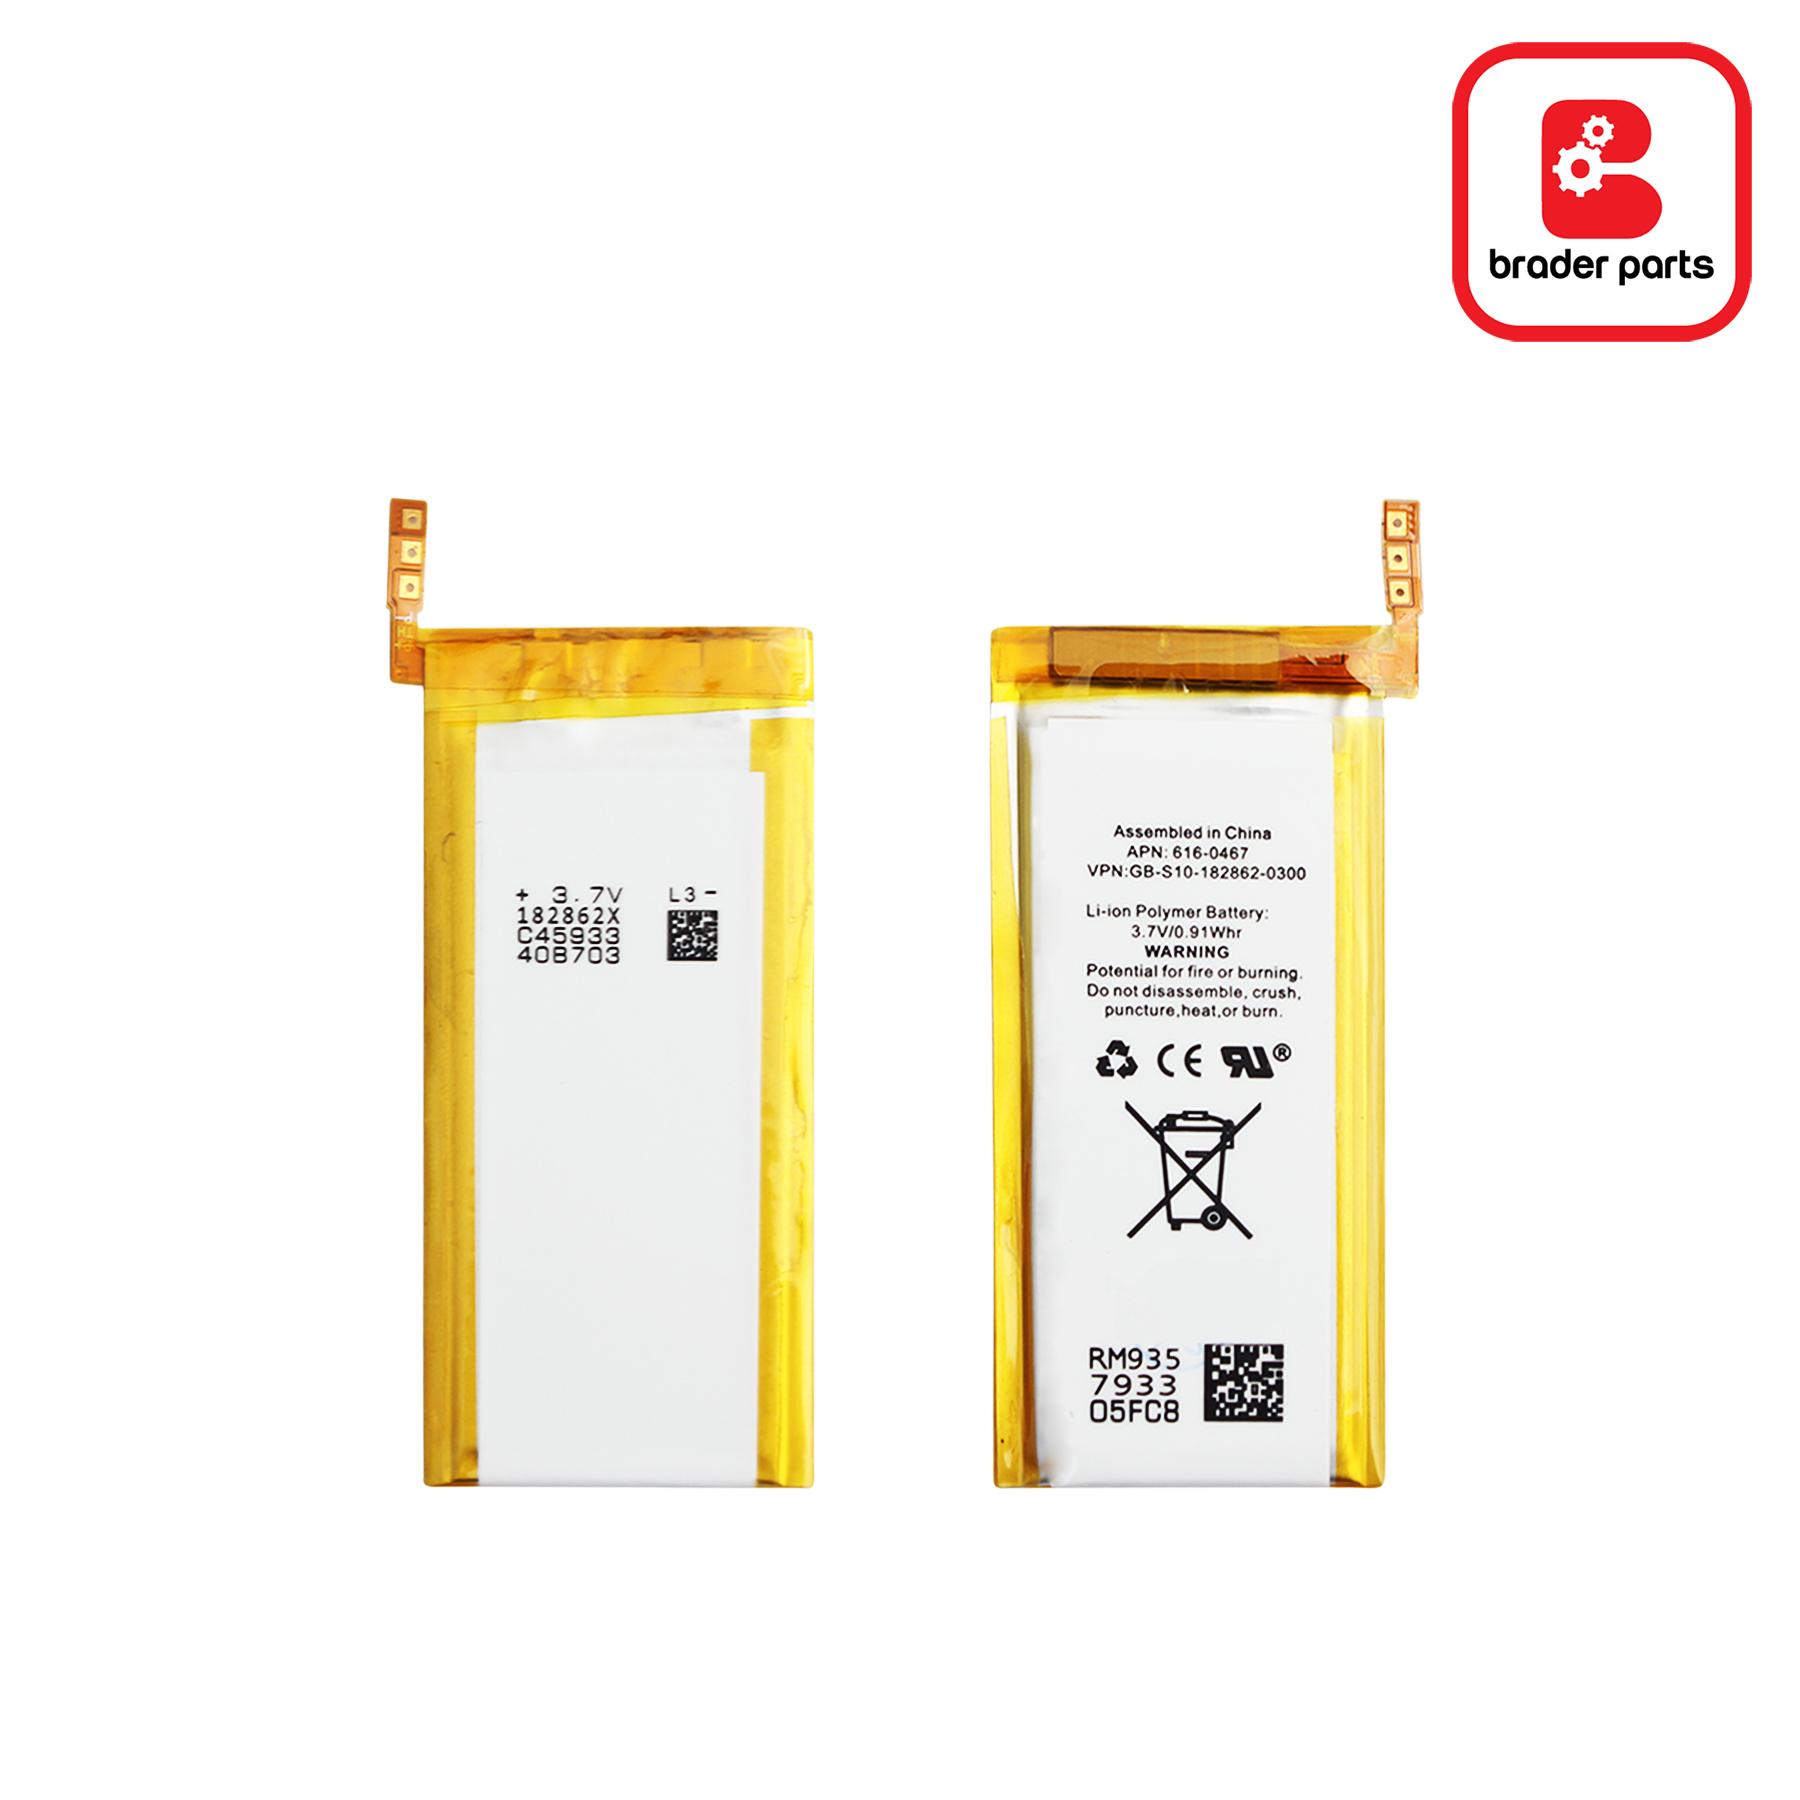 Baterai iPod Nano 5